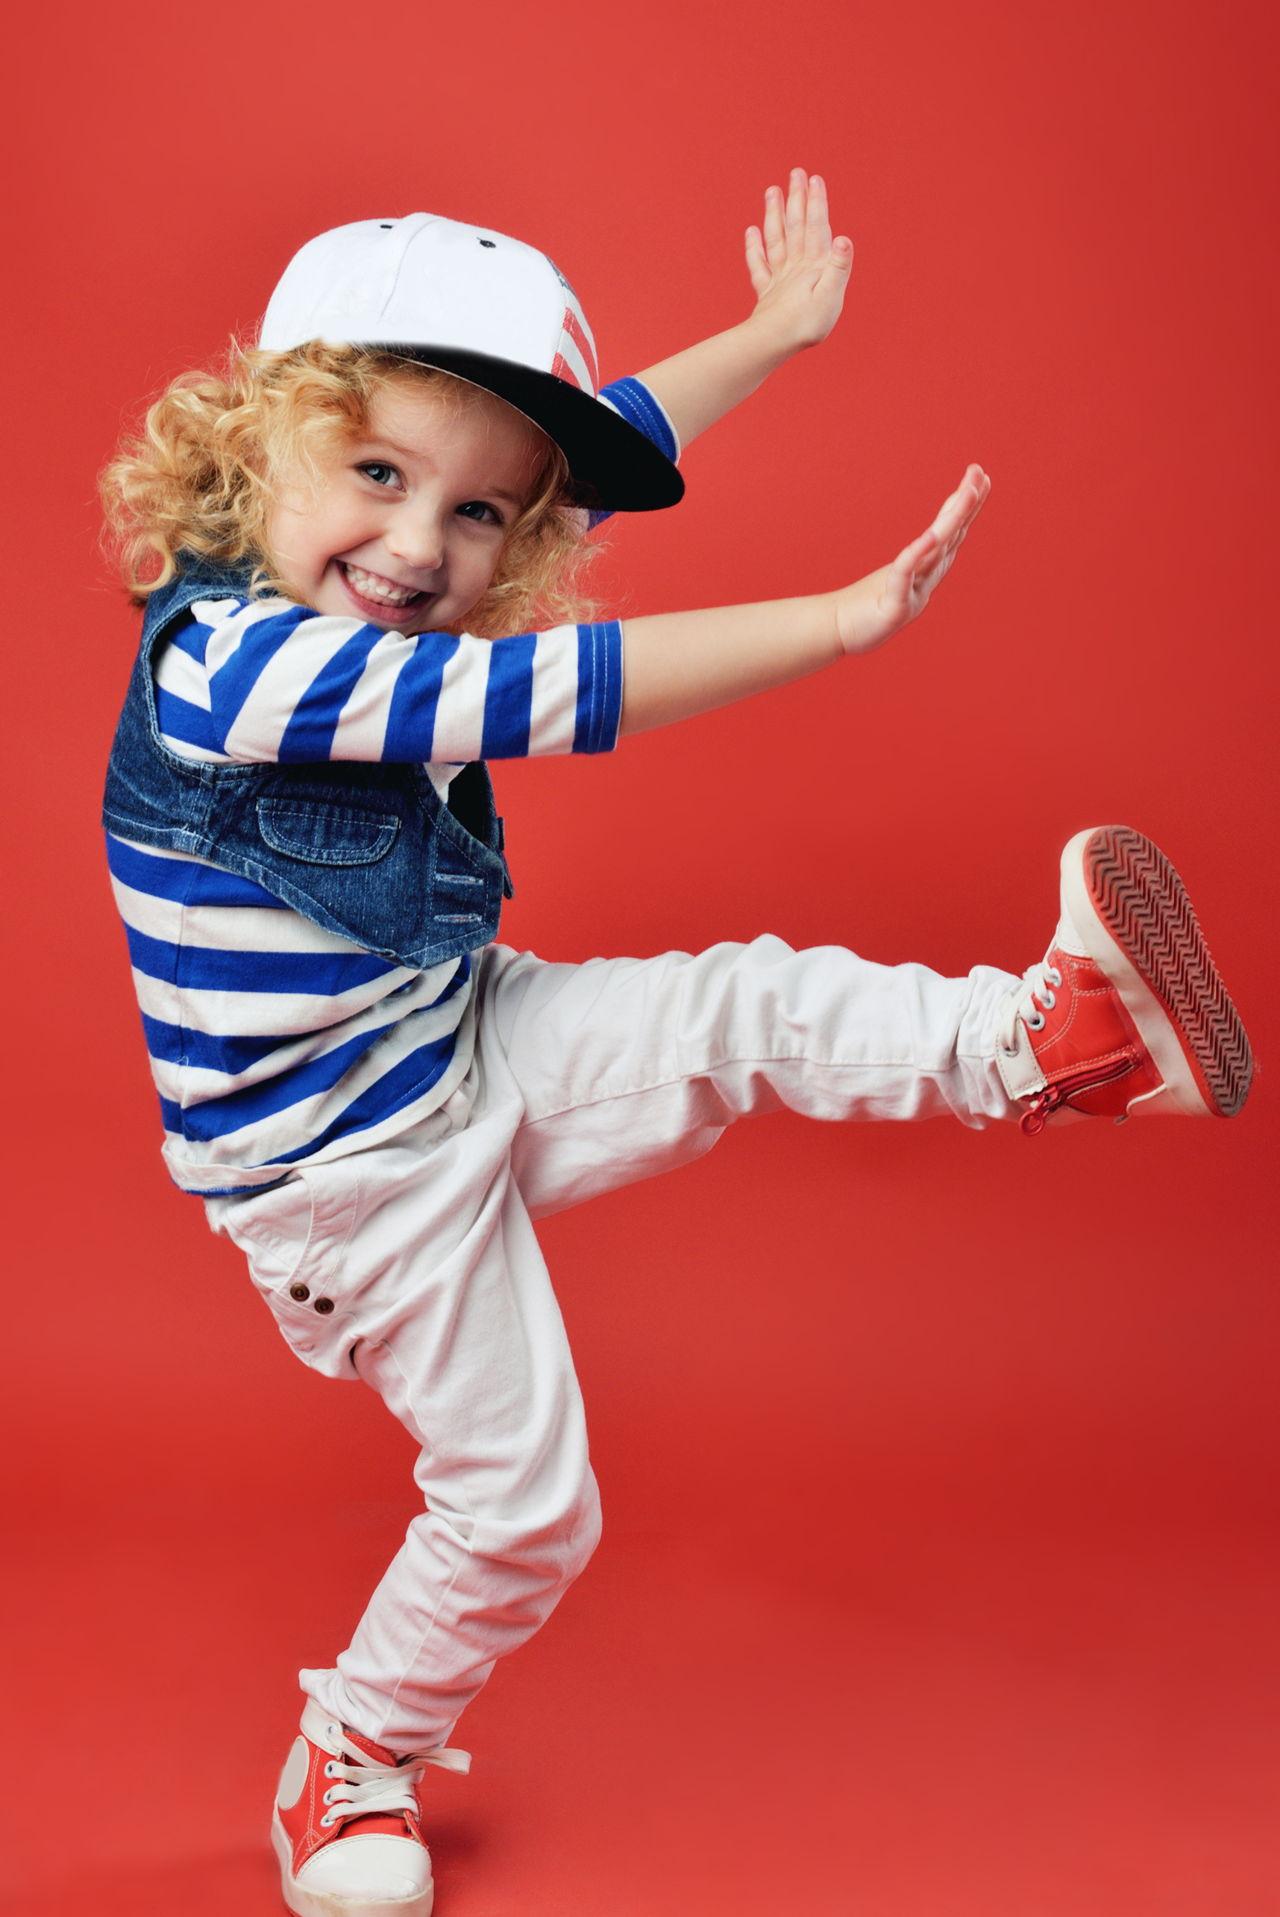 Breakdance Moves List - Dance Poise